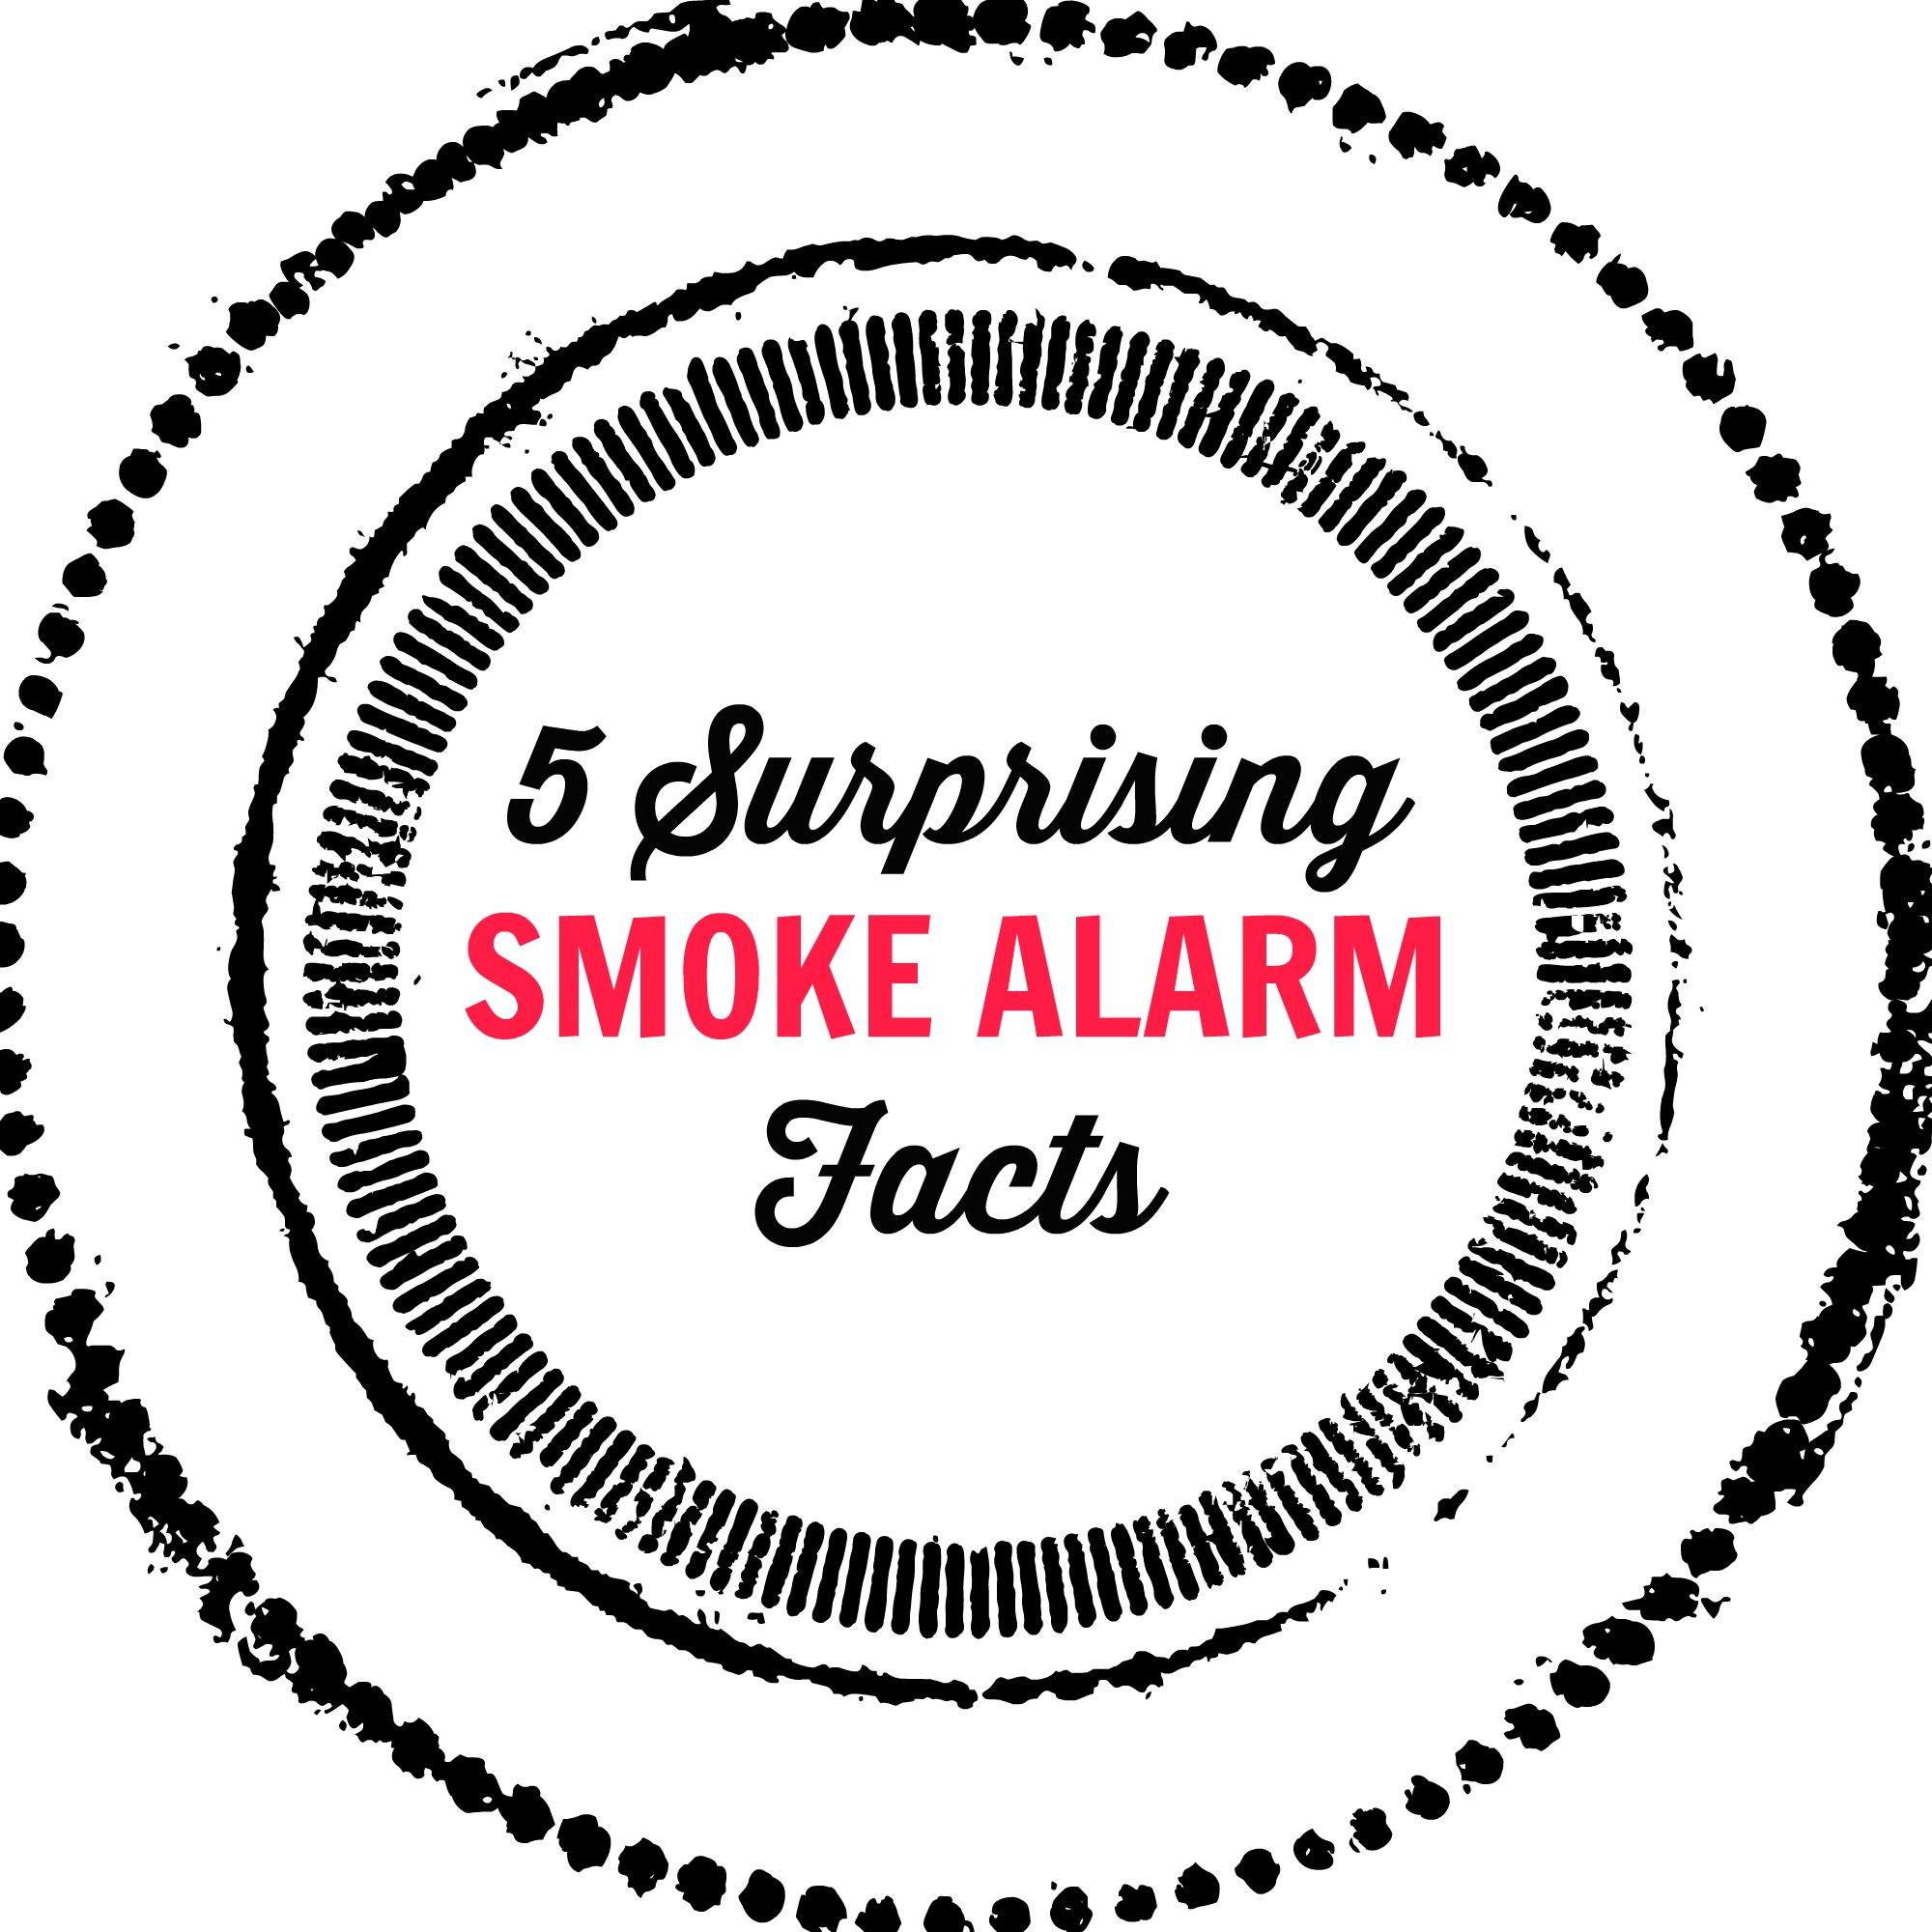 5 Surprising Smoke Alarm Facts